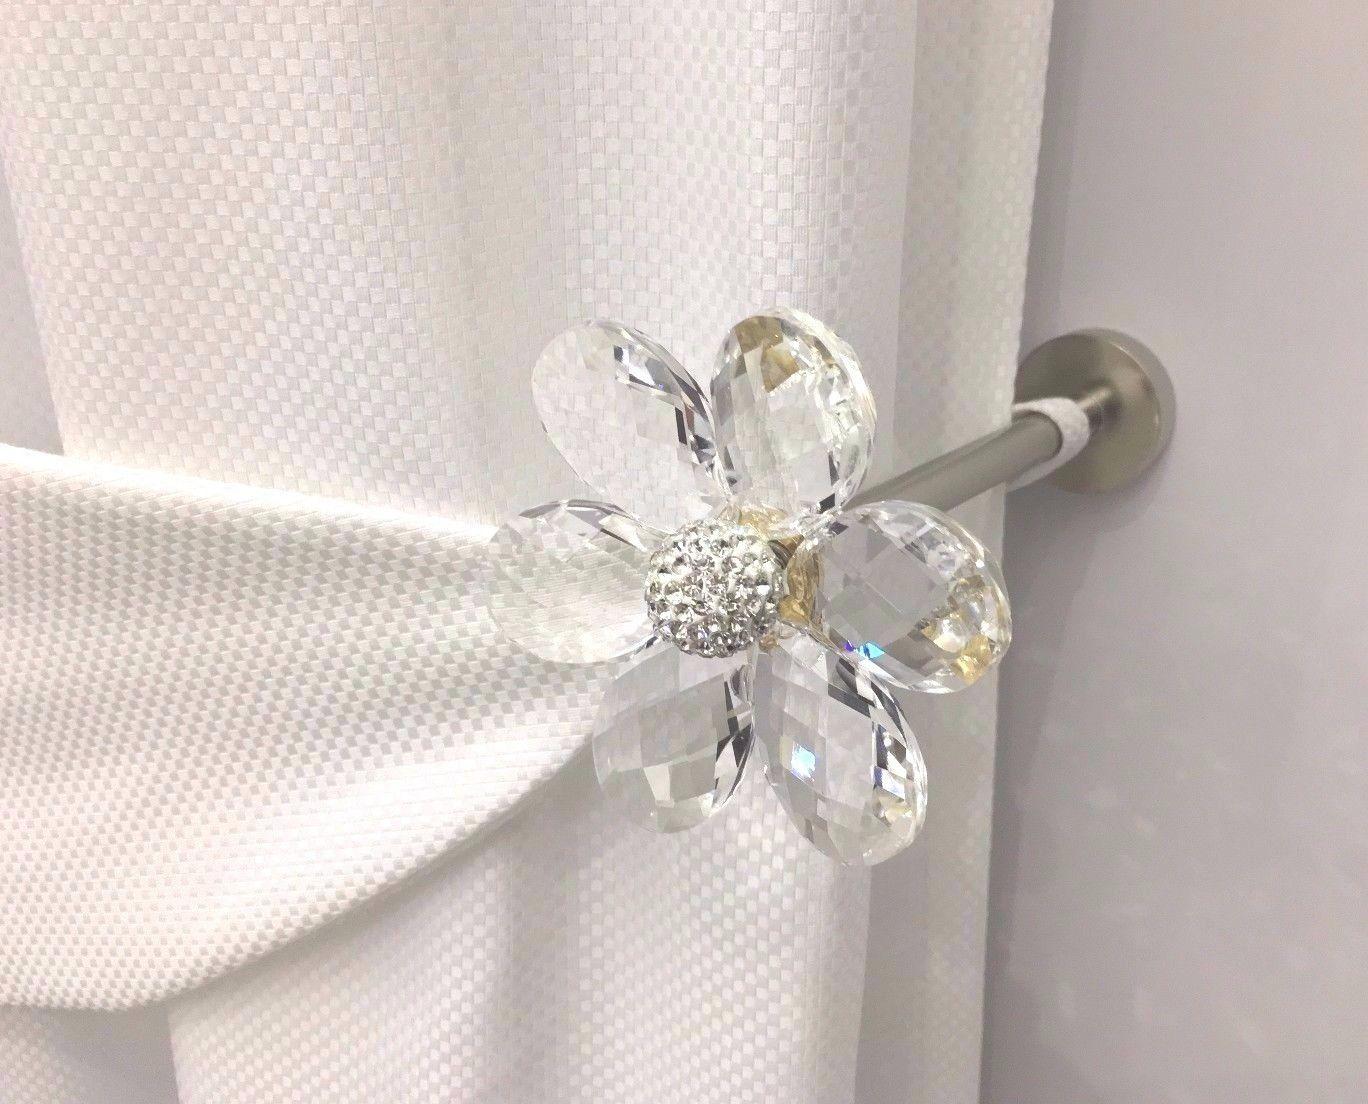 Accessori Da Bagno Con Swarovski : Fermatenda cristallo swarovski fermatende accessori tenda embrasse